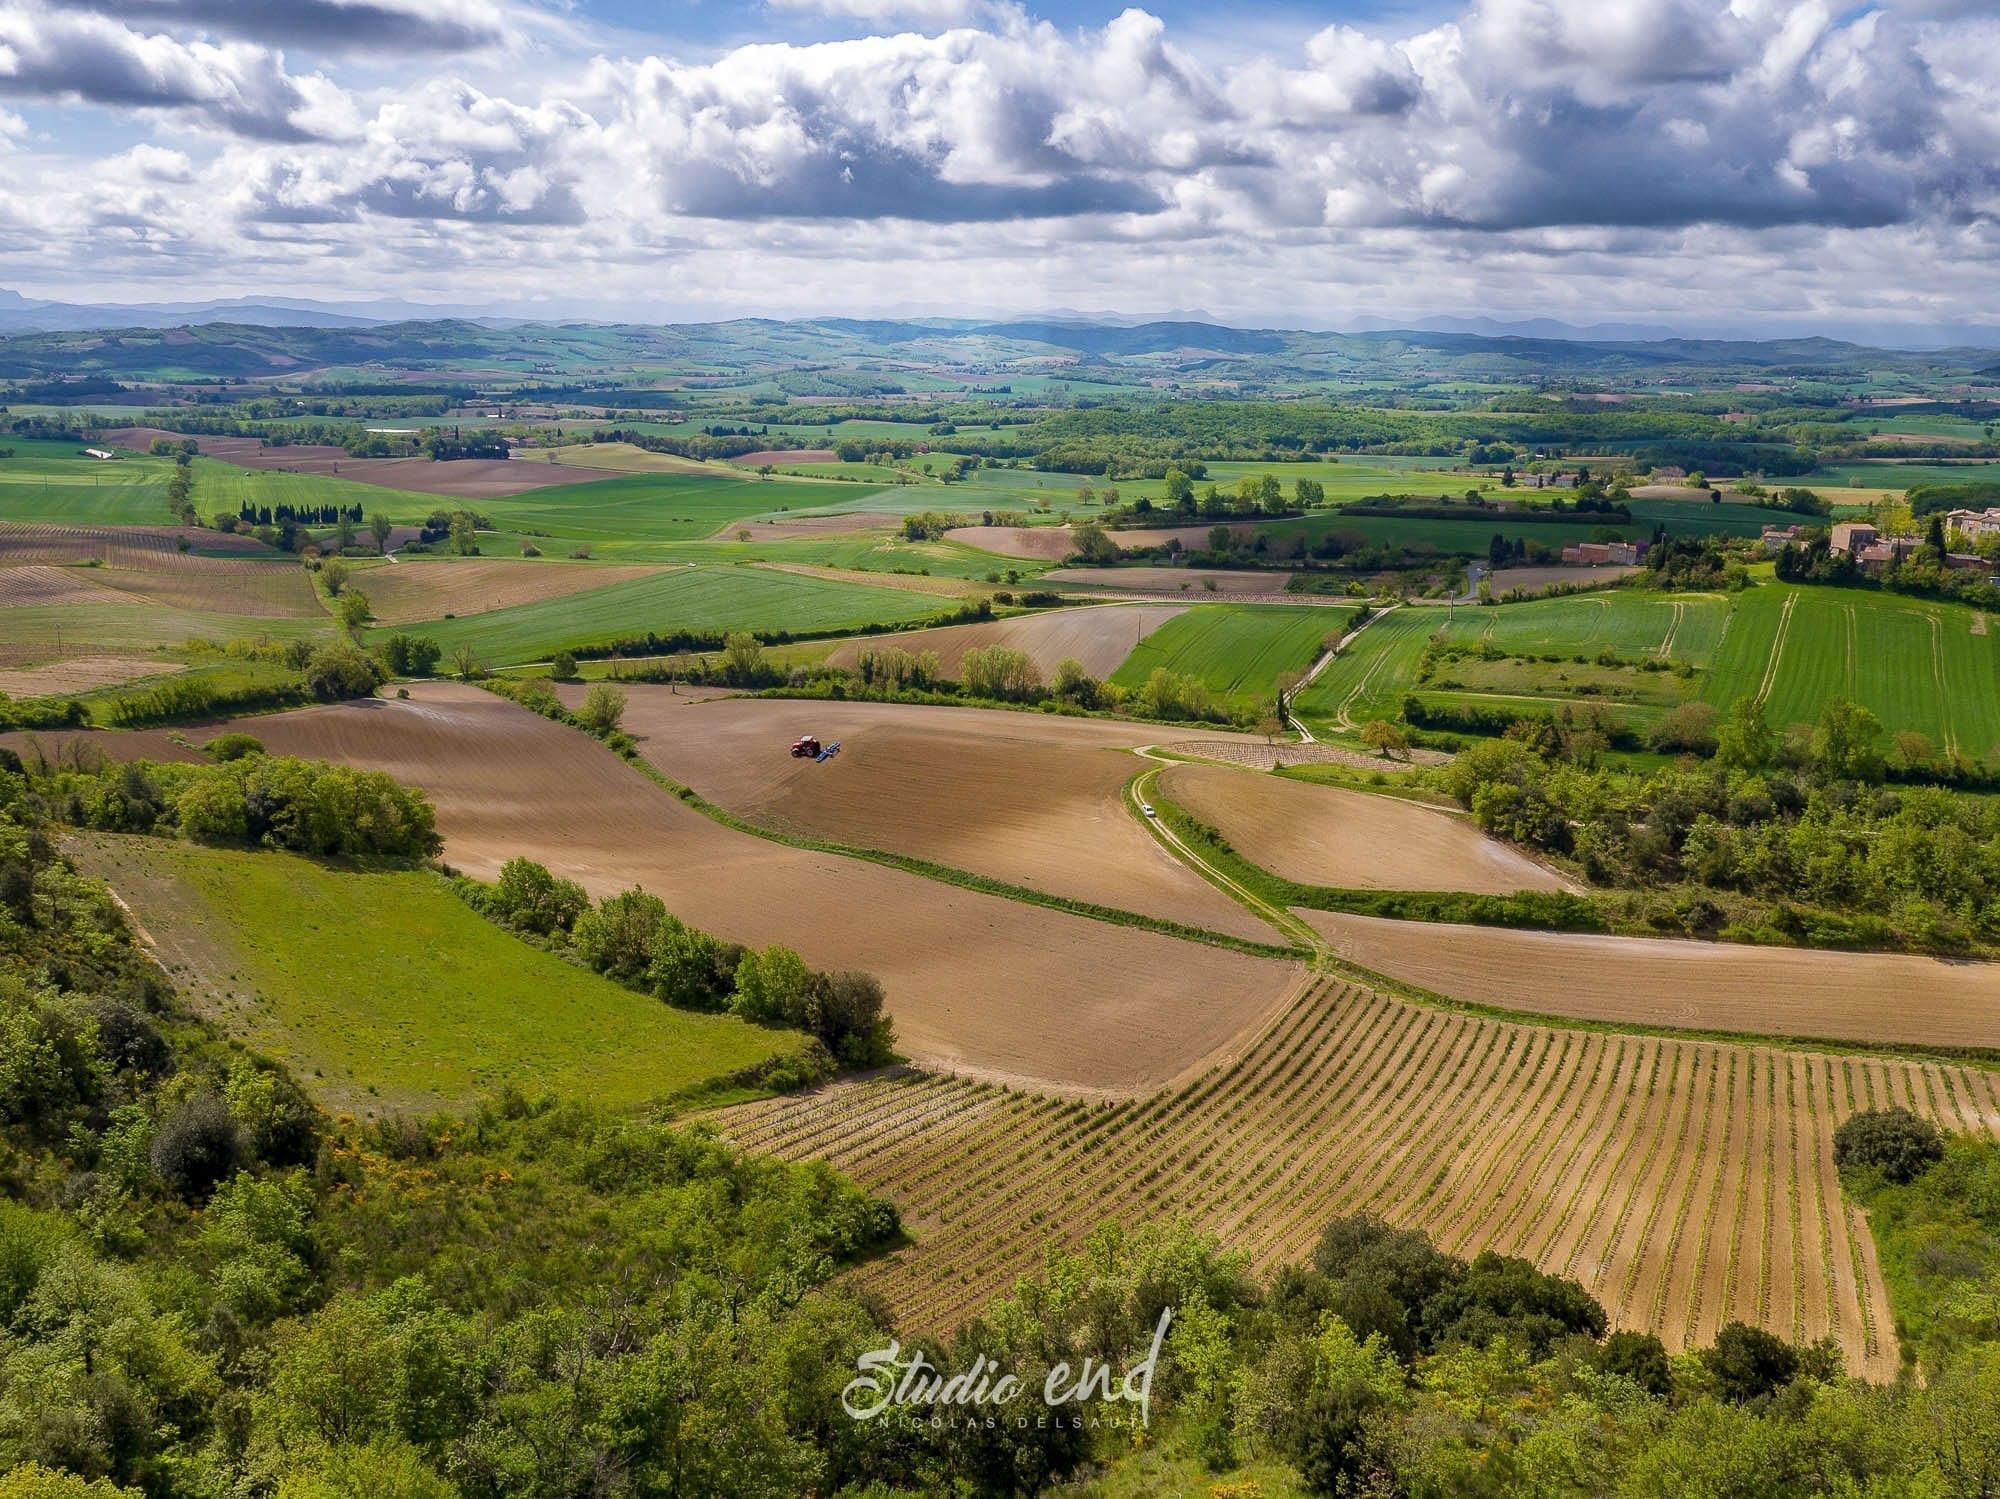 Photographie drone paysage de l'Aude